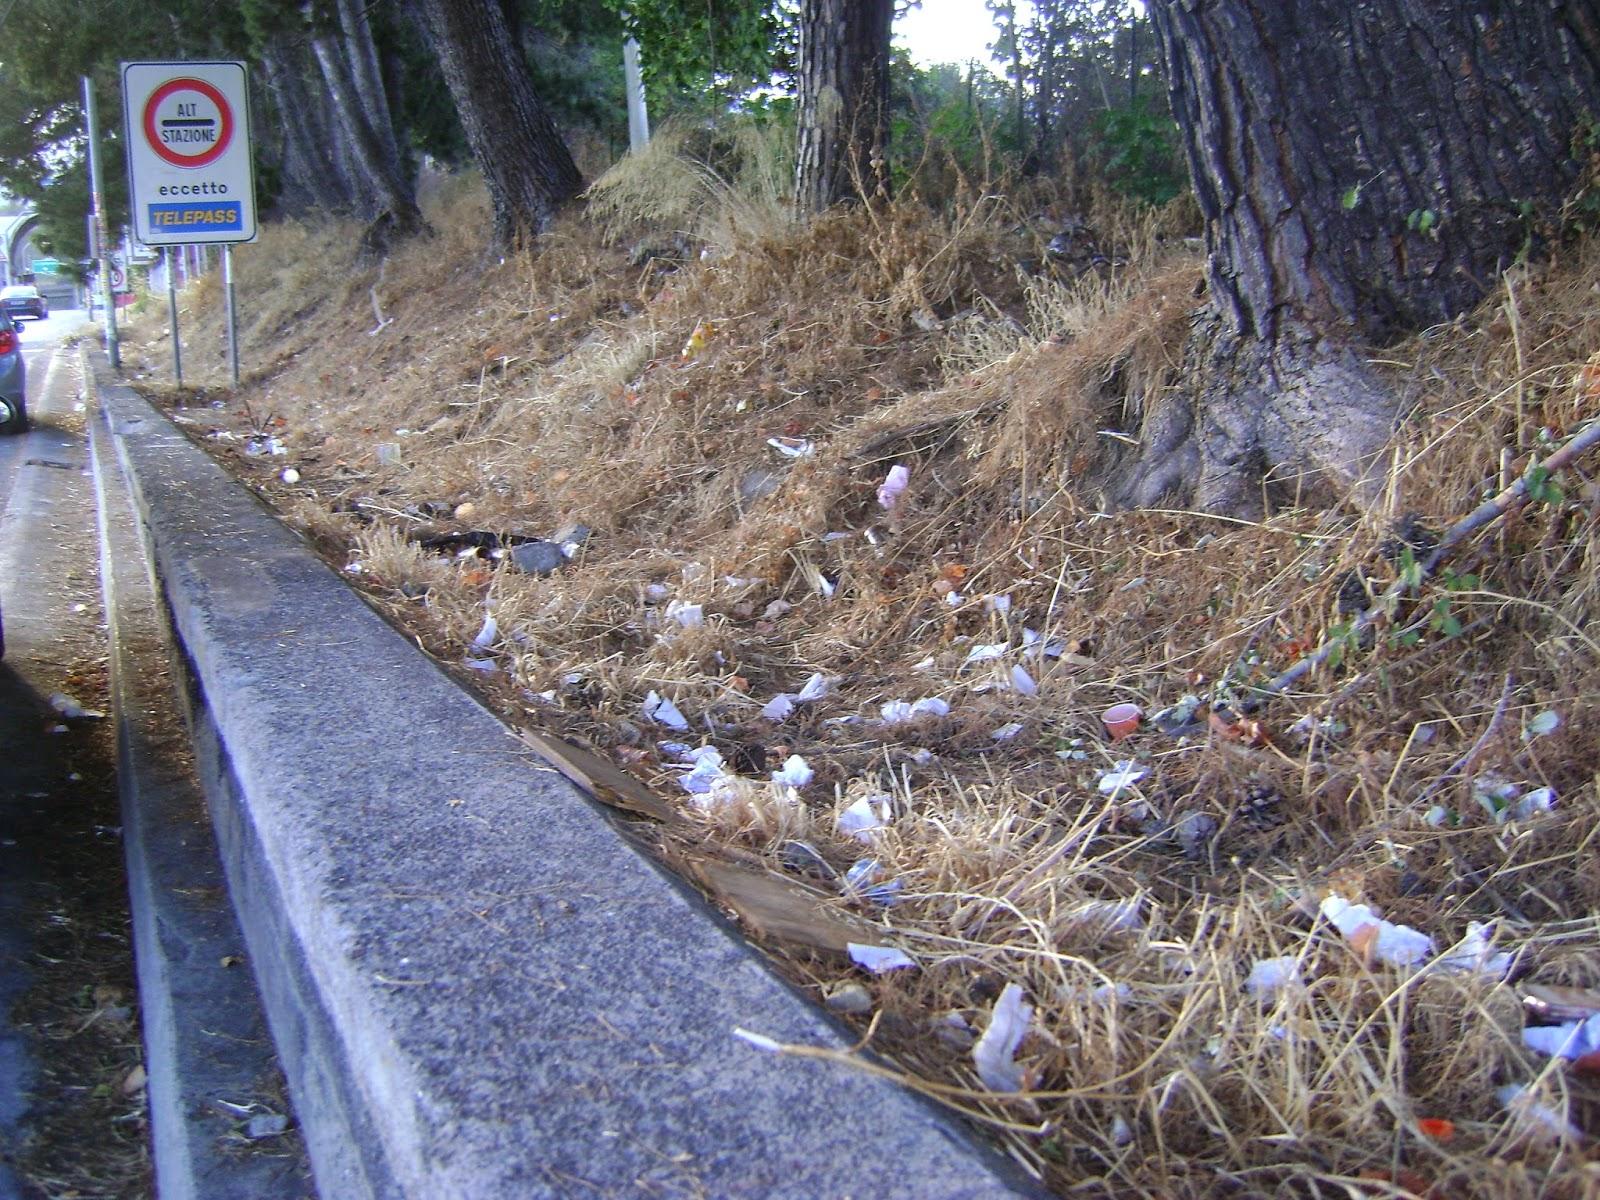 Tardi la sera presto la mattina si taglia l 39 erba ma non for Erba per prato che non si taglia